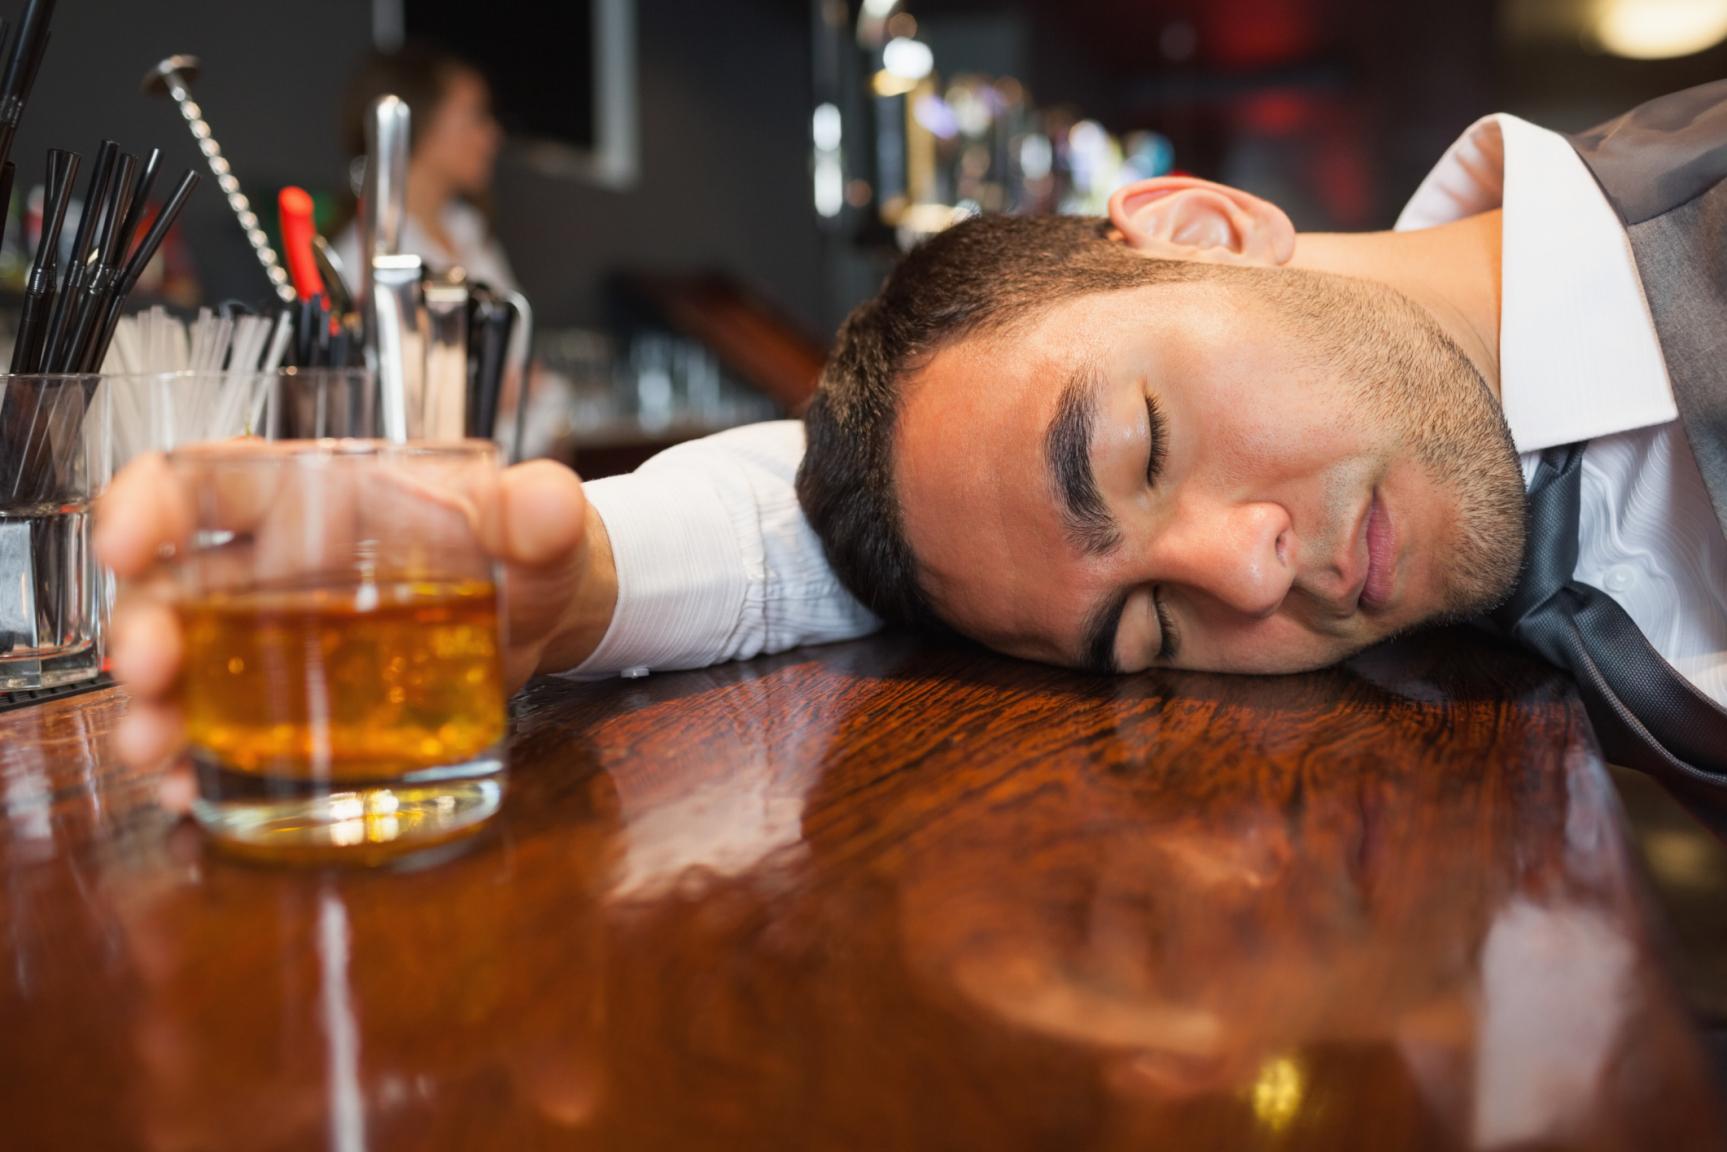 Можно ли употреблять спиртное при повышенном глазном давлении